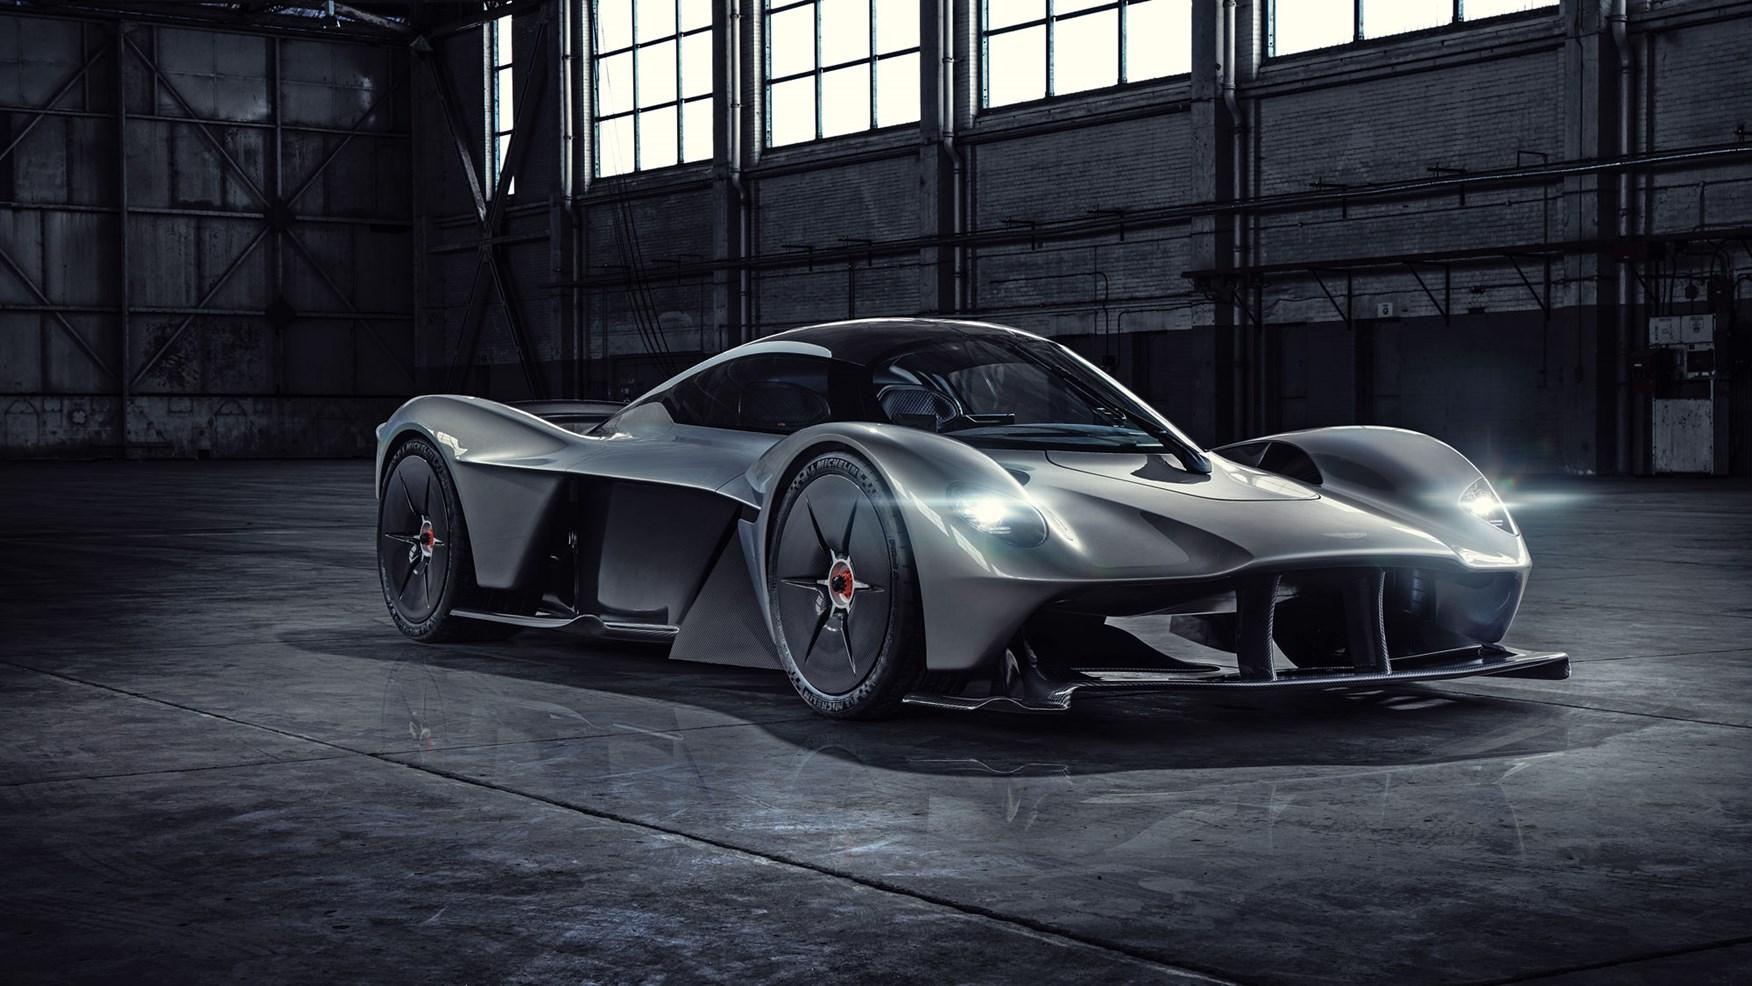 Aston Martin Lagonda | Valkyrie | Hypercar